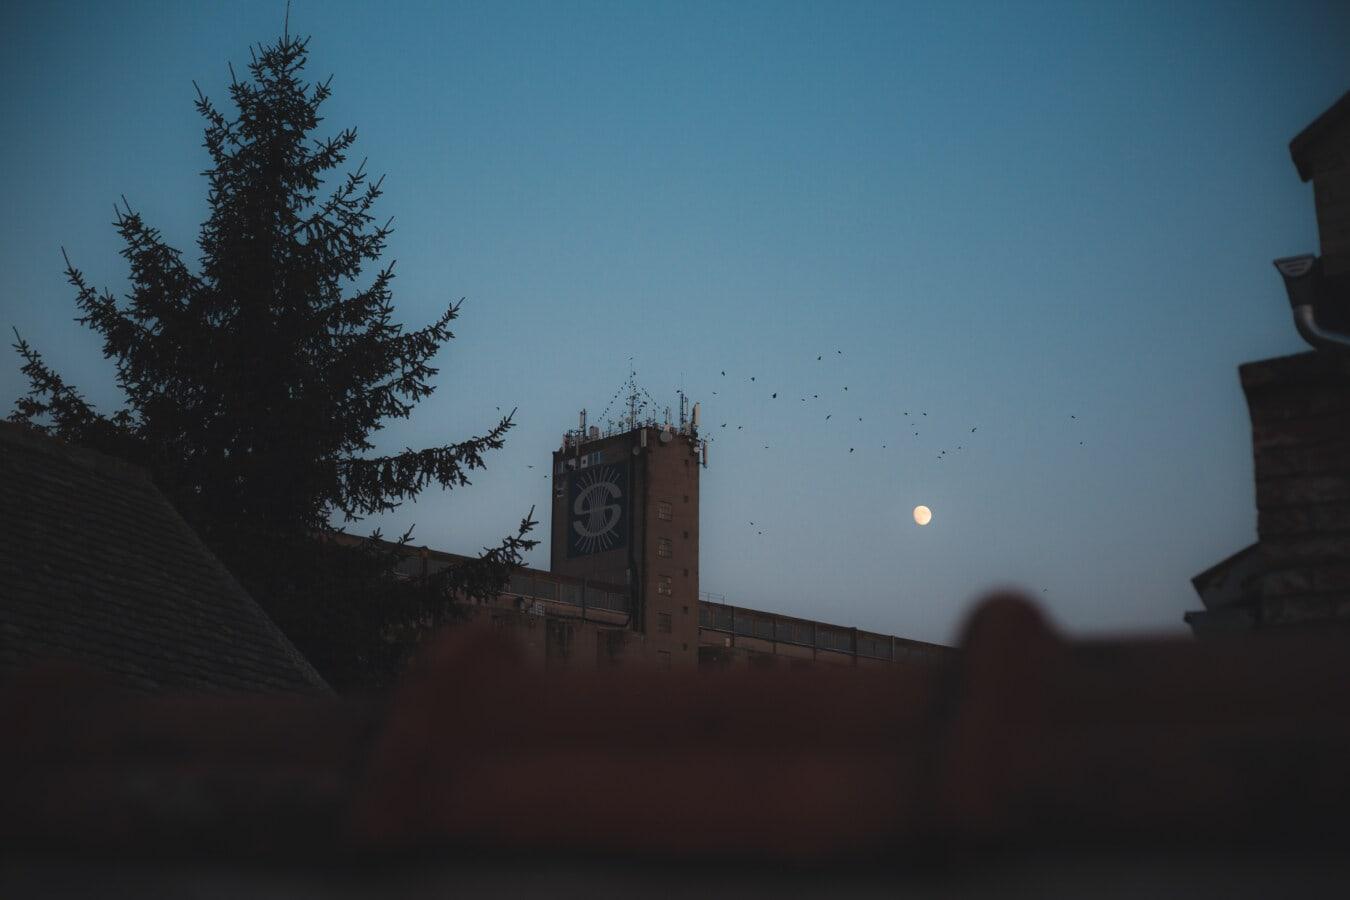 Gebäude, Silo, Dämmerung, 'Nabend, Schatten, Silhouette, Mond, Dämmerung, Architektur, Licht